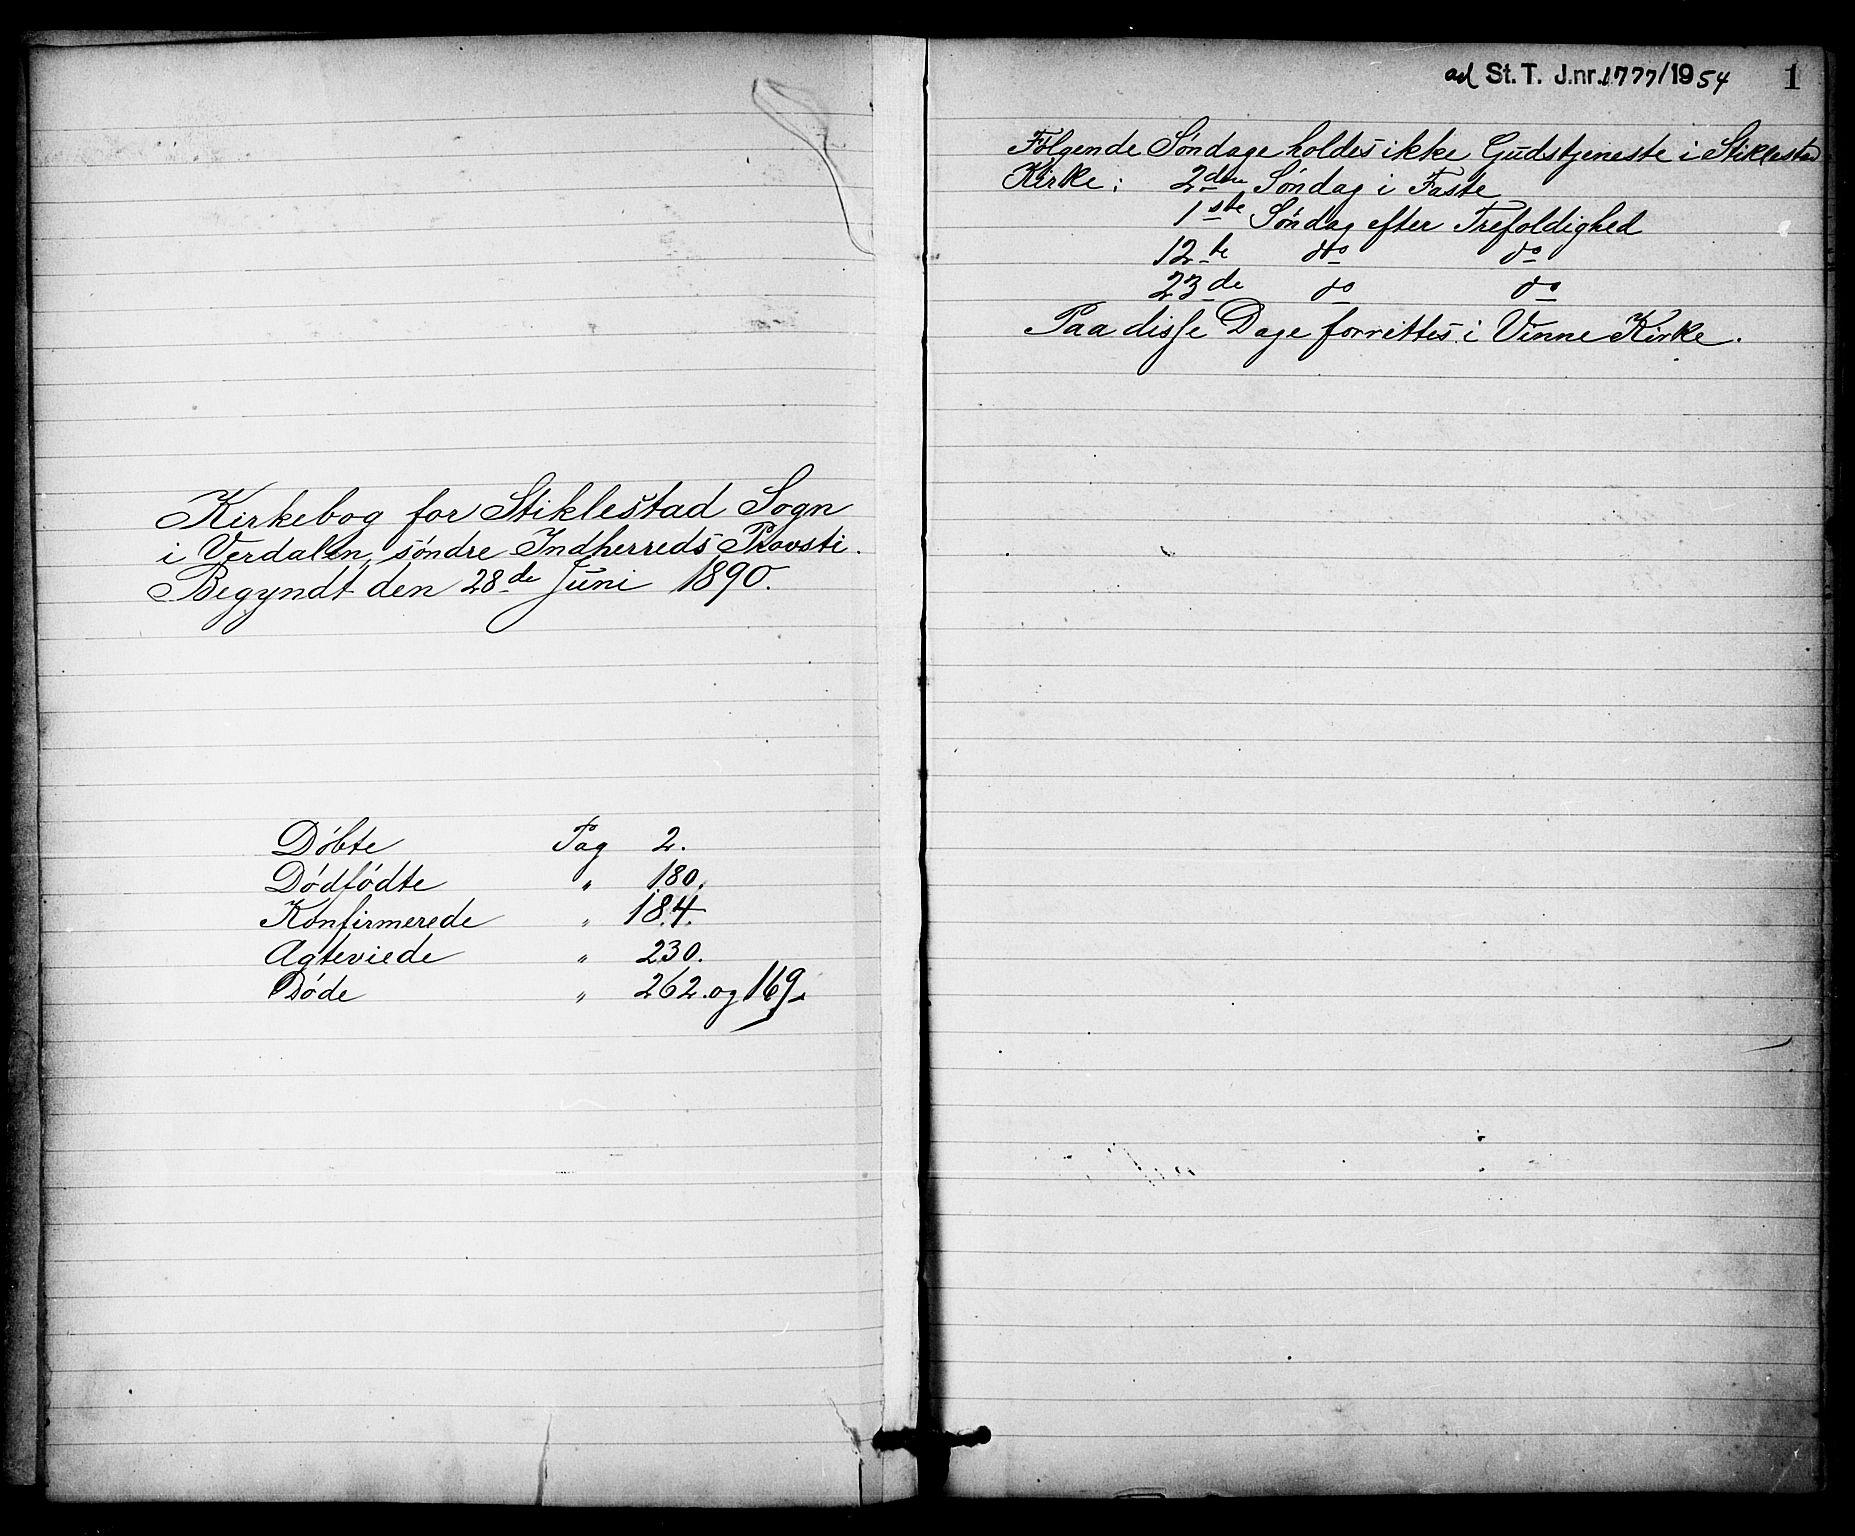 SAT, Ministerialprotokoller, klokkerbøker og fødselsregistre - Nord-Trøndelag, 723/L0257: Klokkerbok nr. 723C05, 1890-1907, s. 1